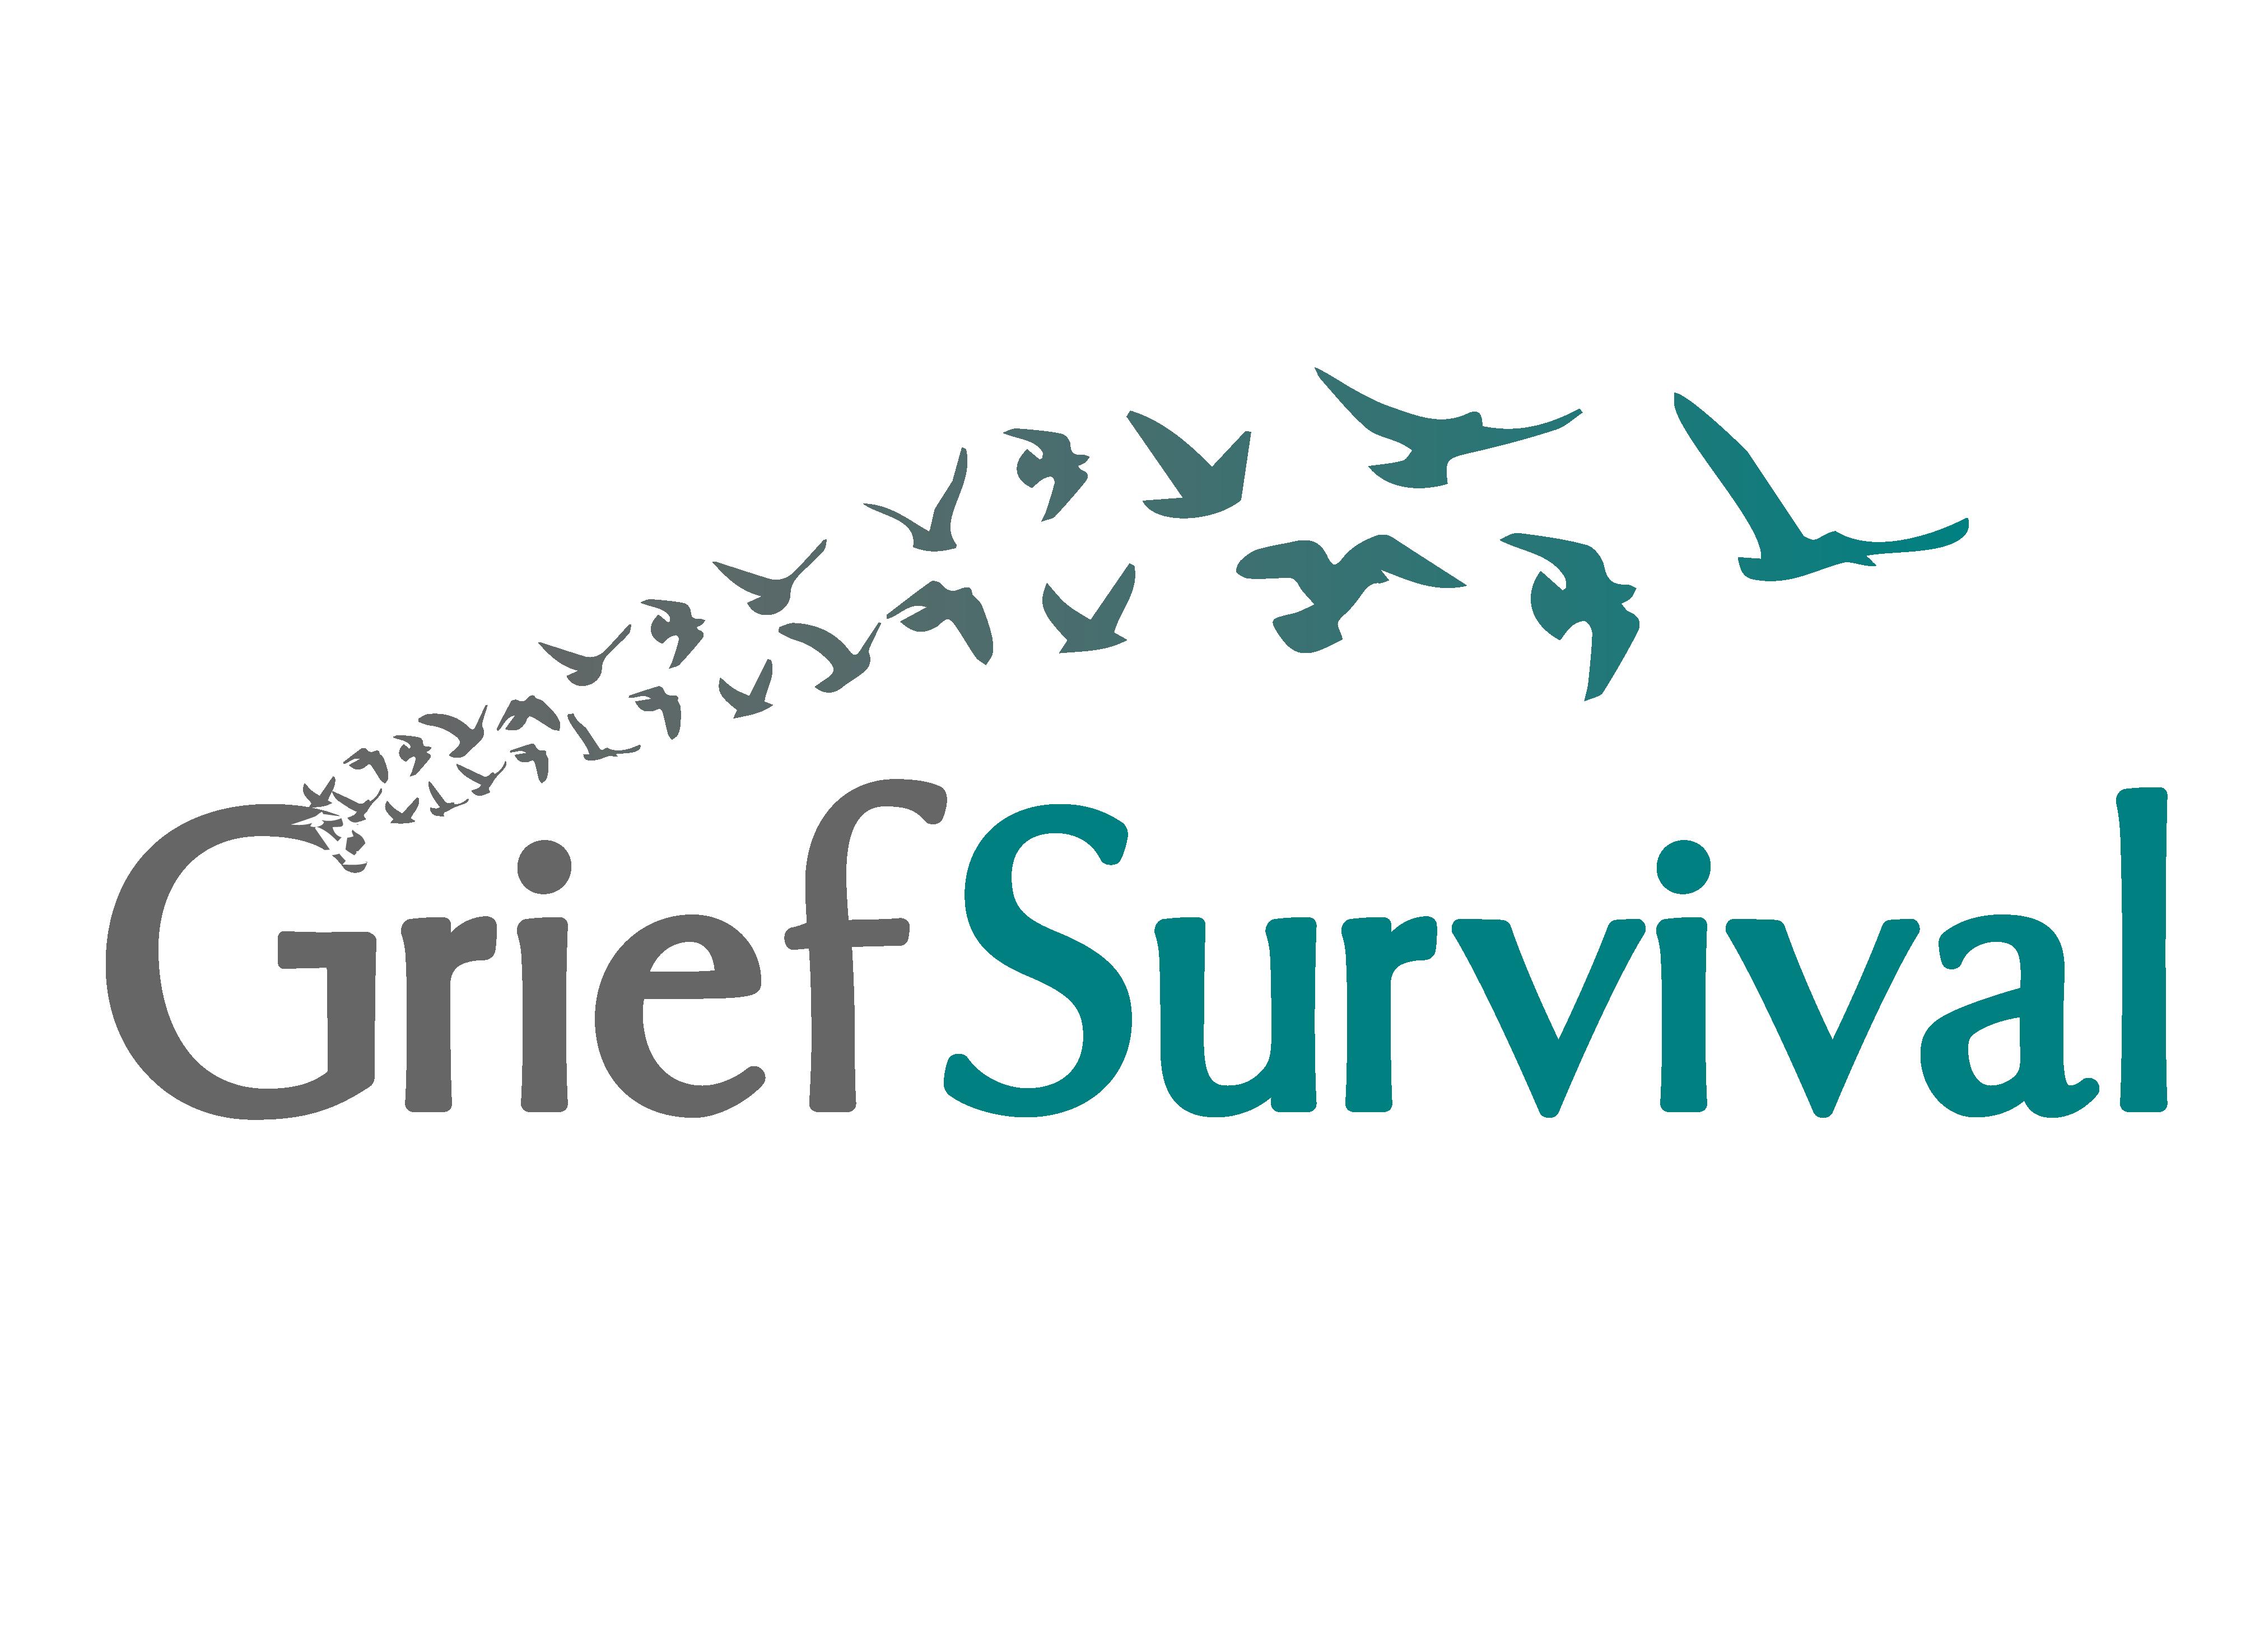 New logo - Grief Survival